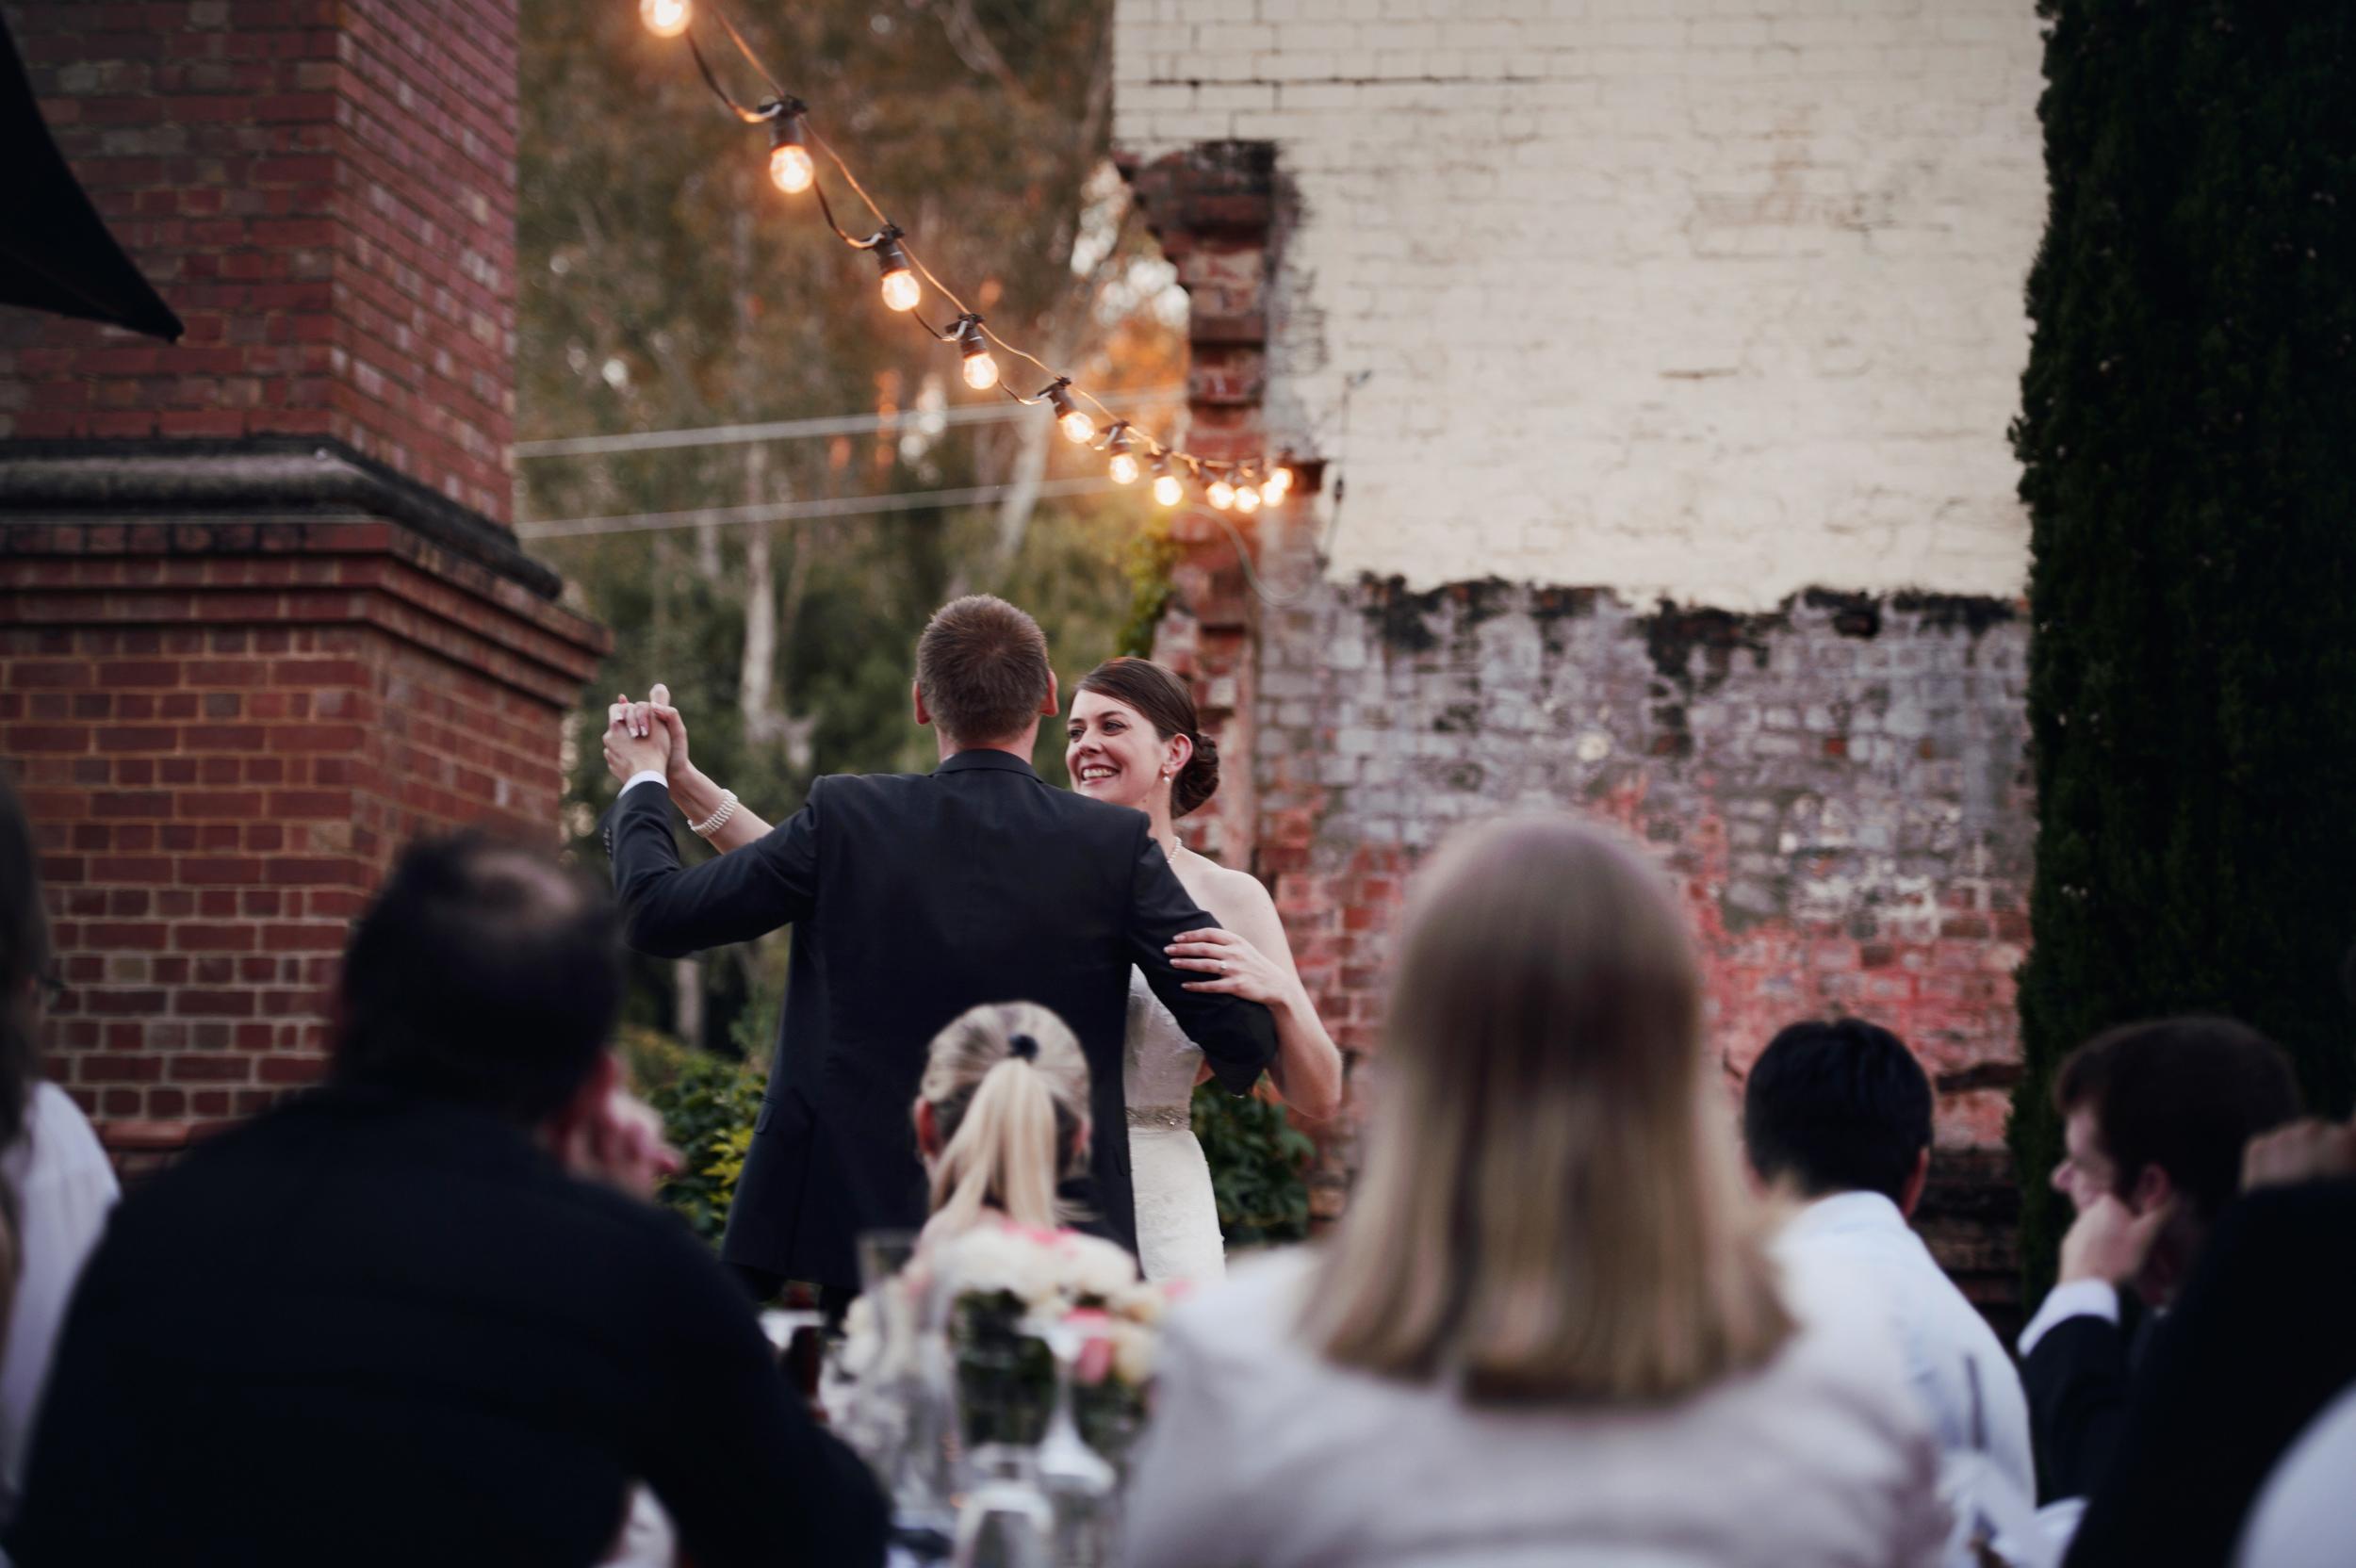 euroa_butter_factory_wedding_photography_39.jpg